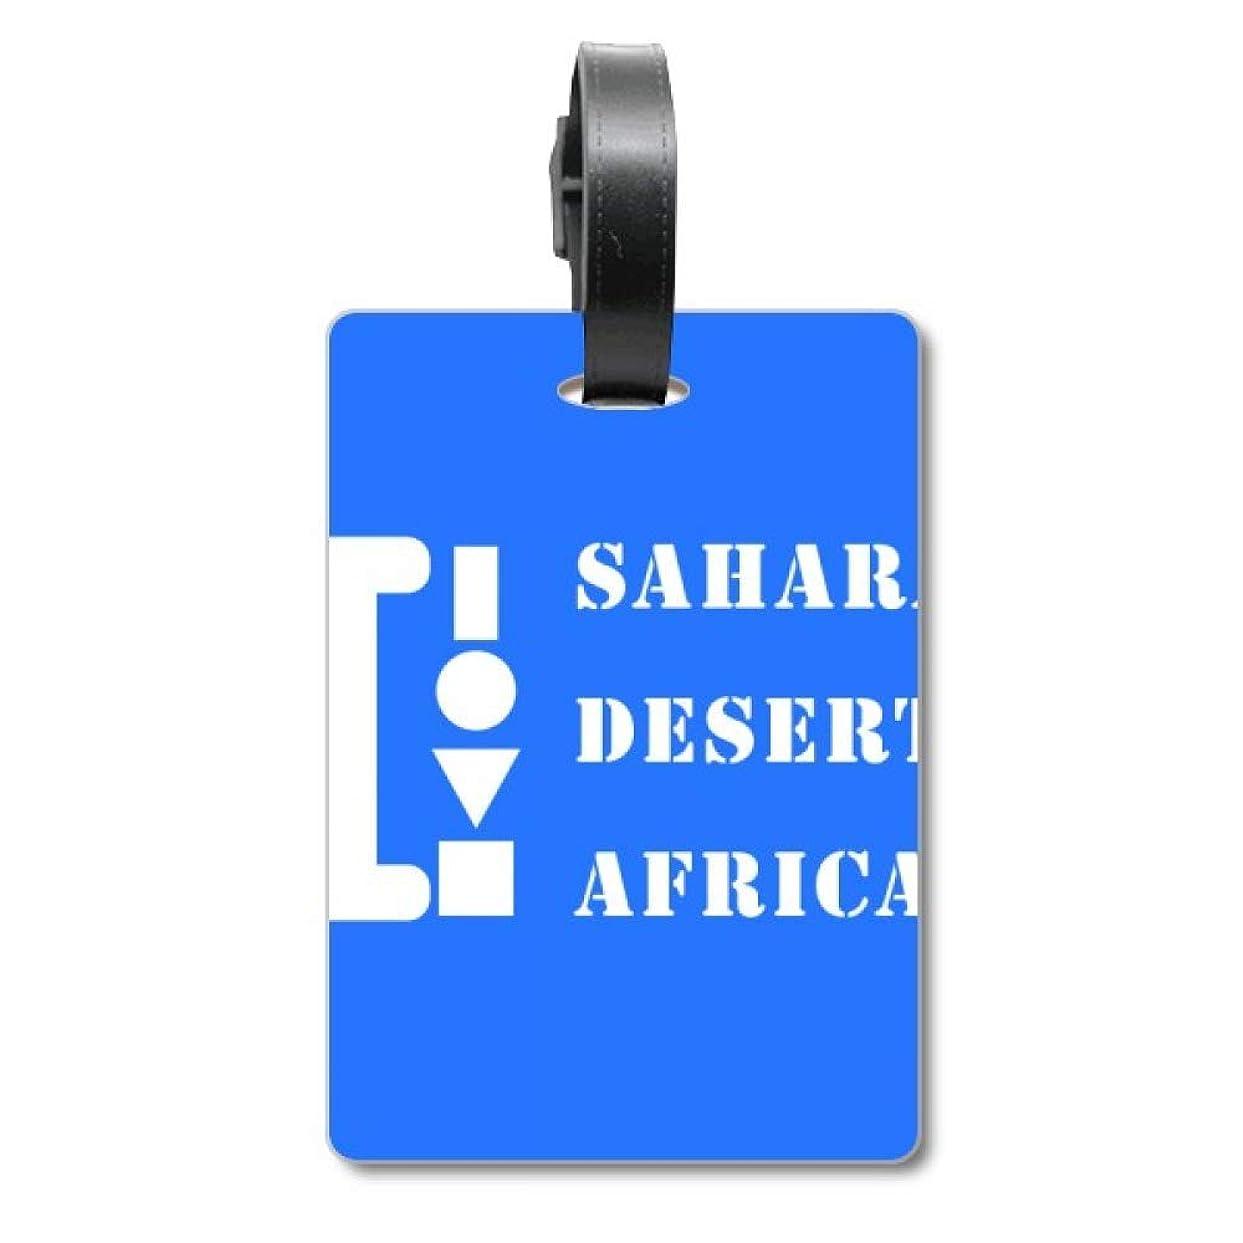 件名暖かさ避けるサハラ砂漠アフリカ 旅行カバンのタグ旅行者の識別標識